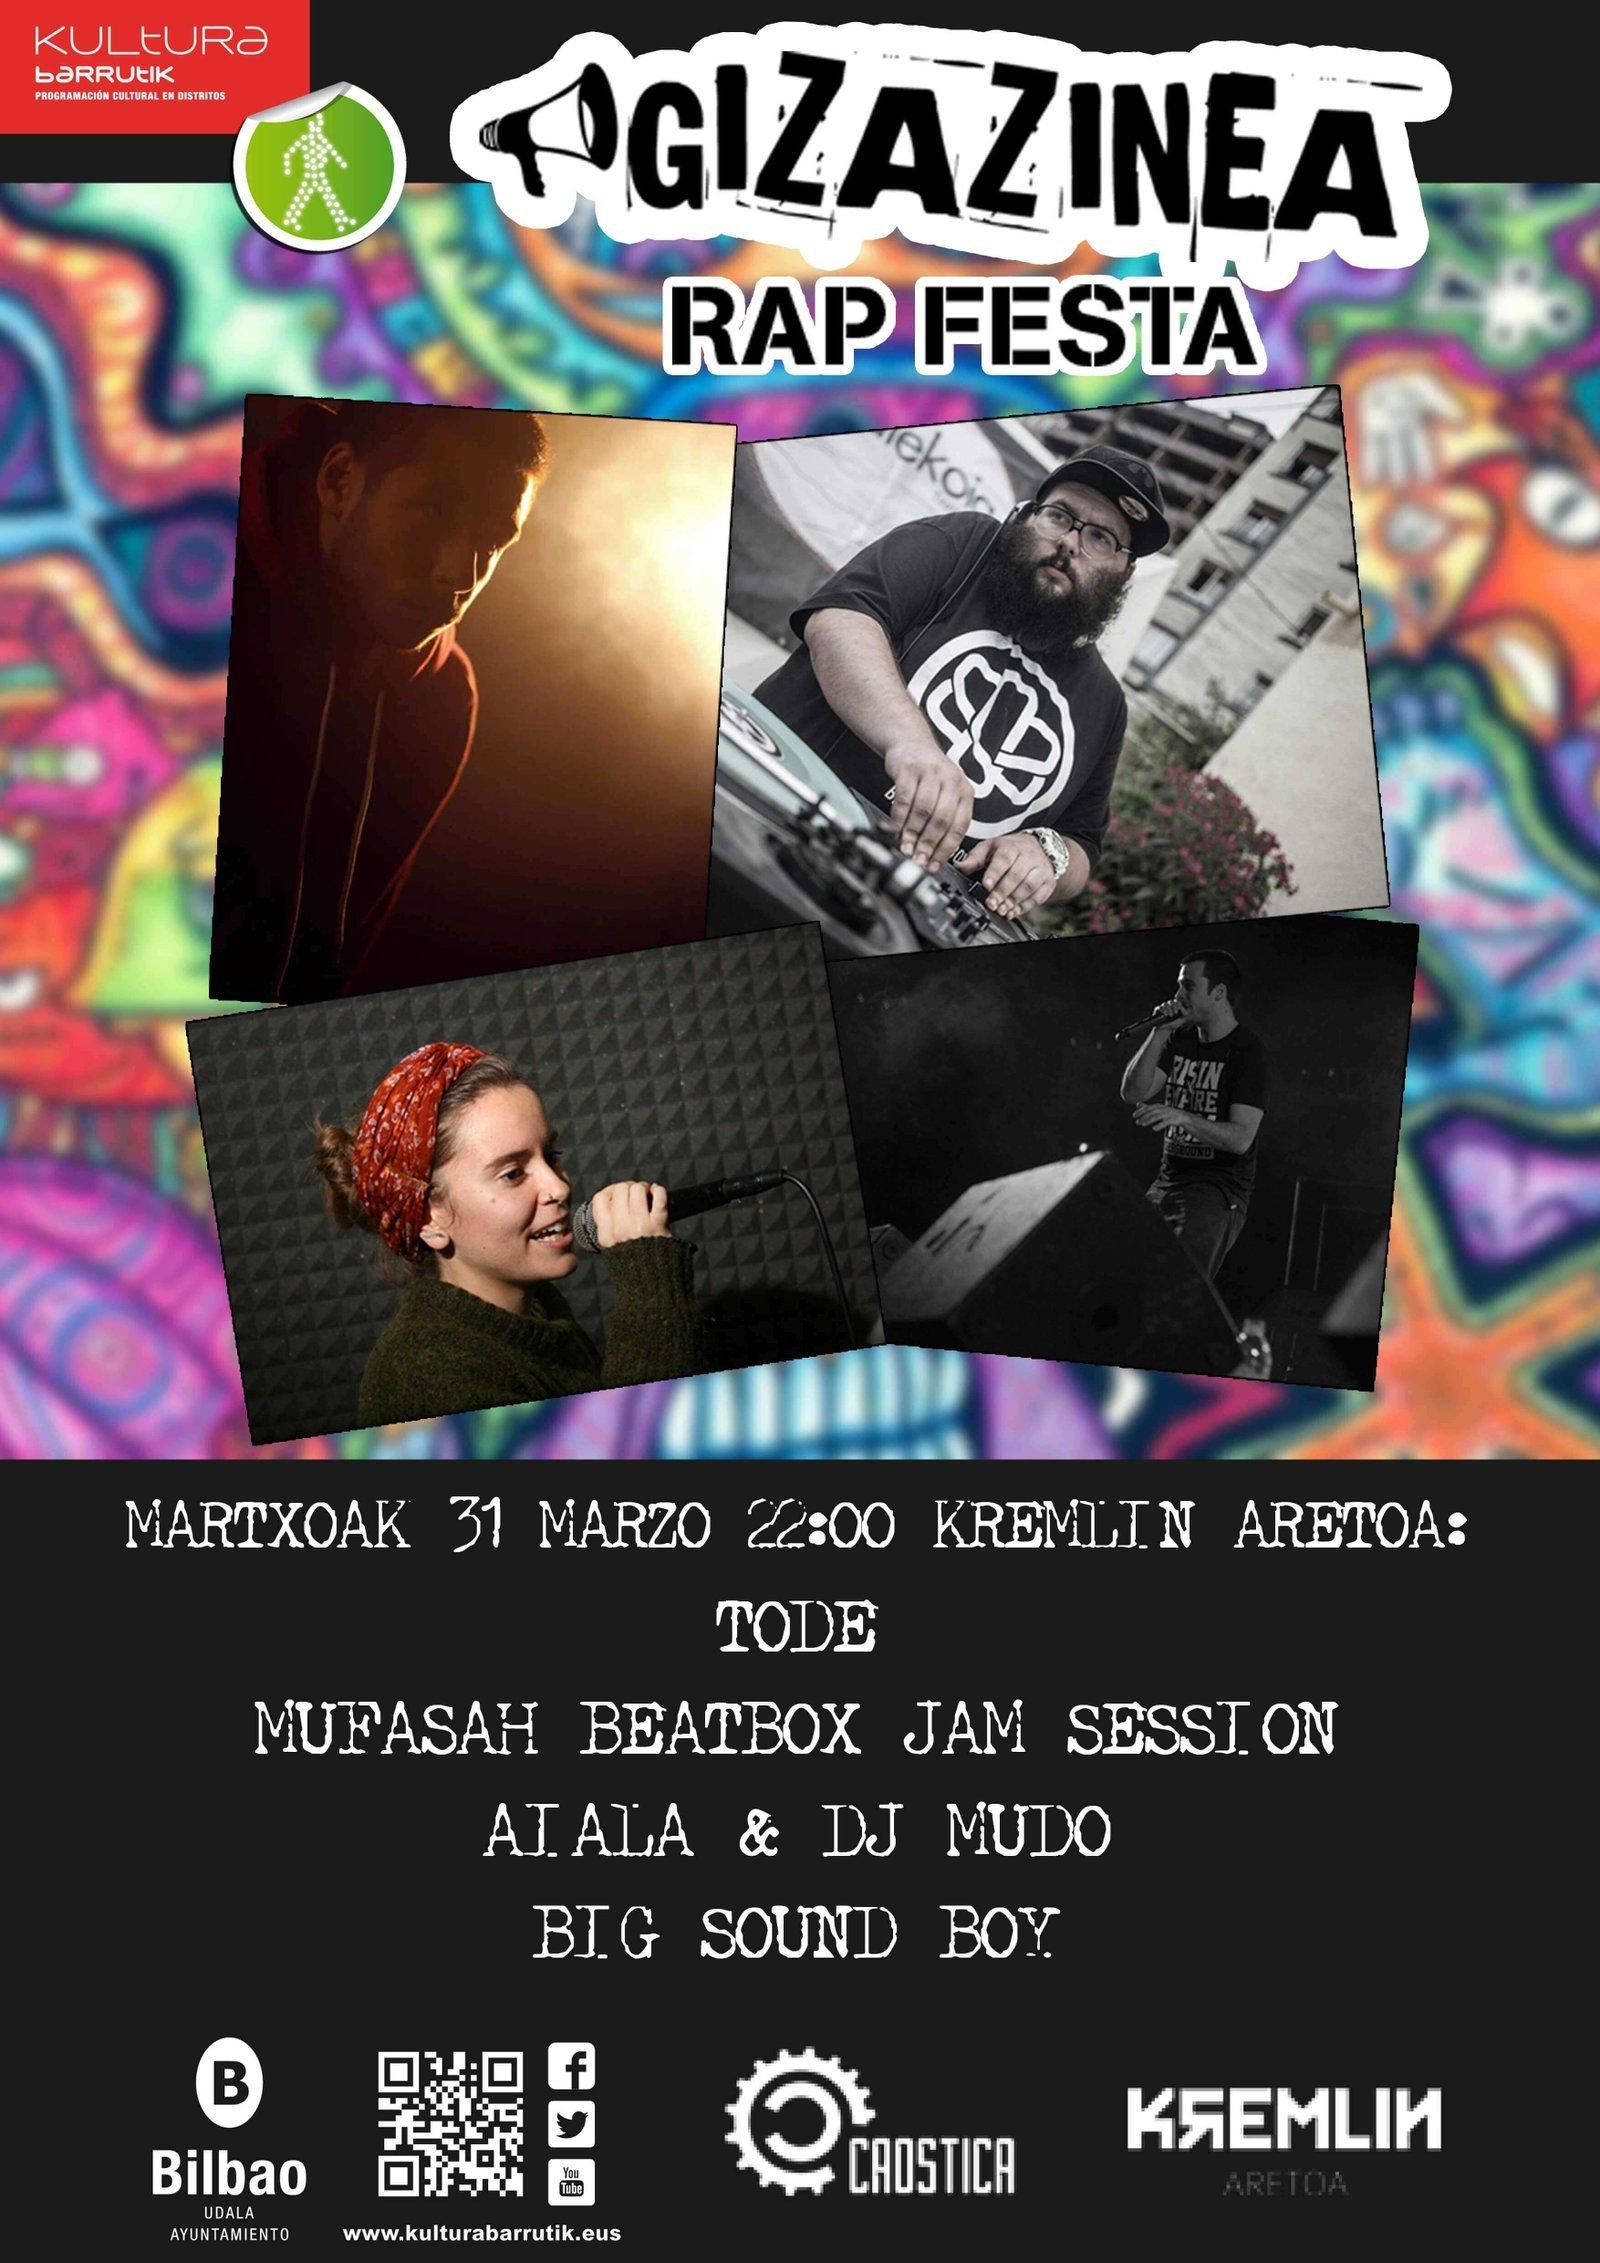 Gizazinea Rap Festa